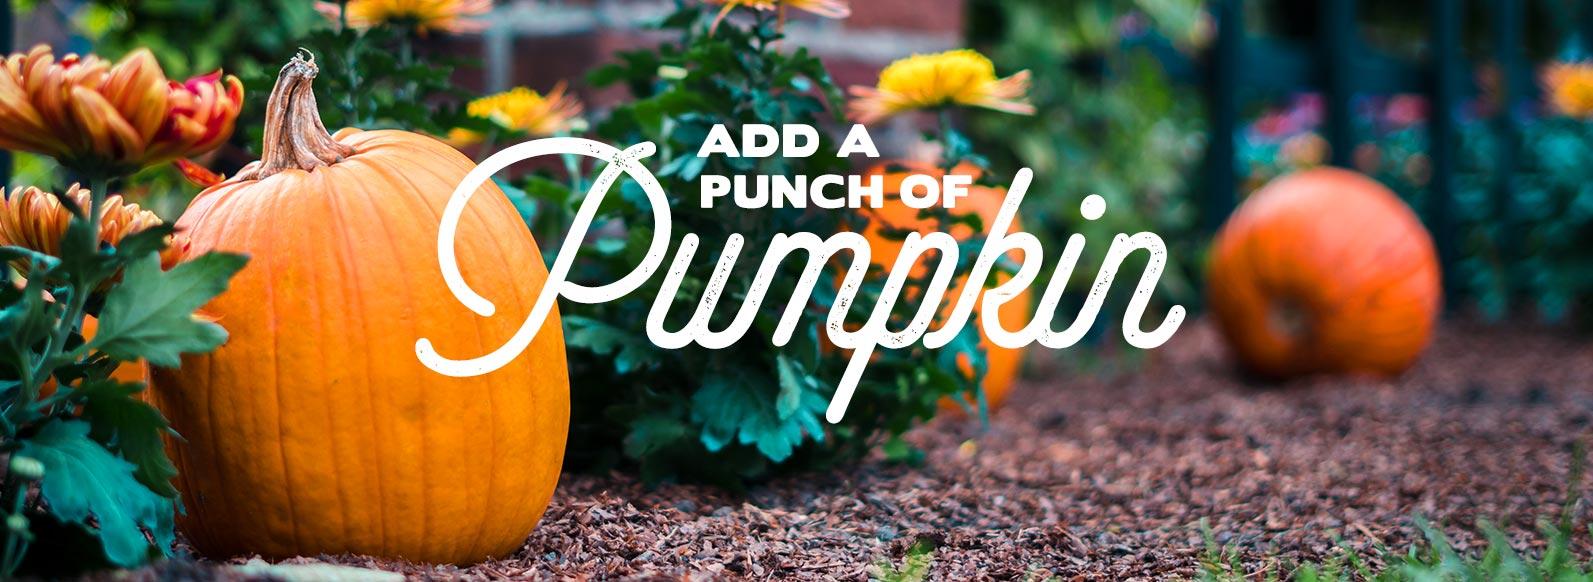 Add a punch of pumpkin.